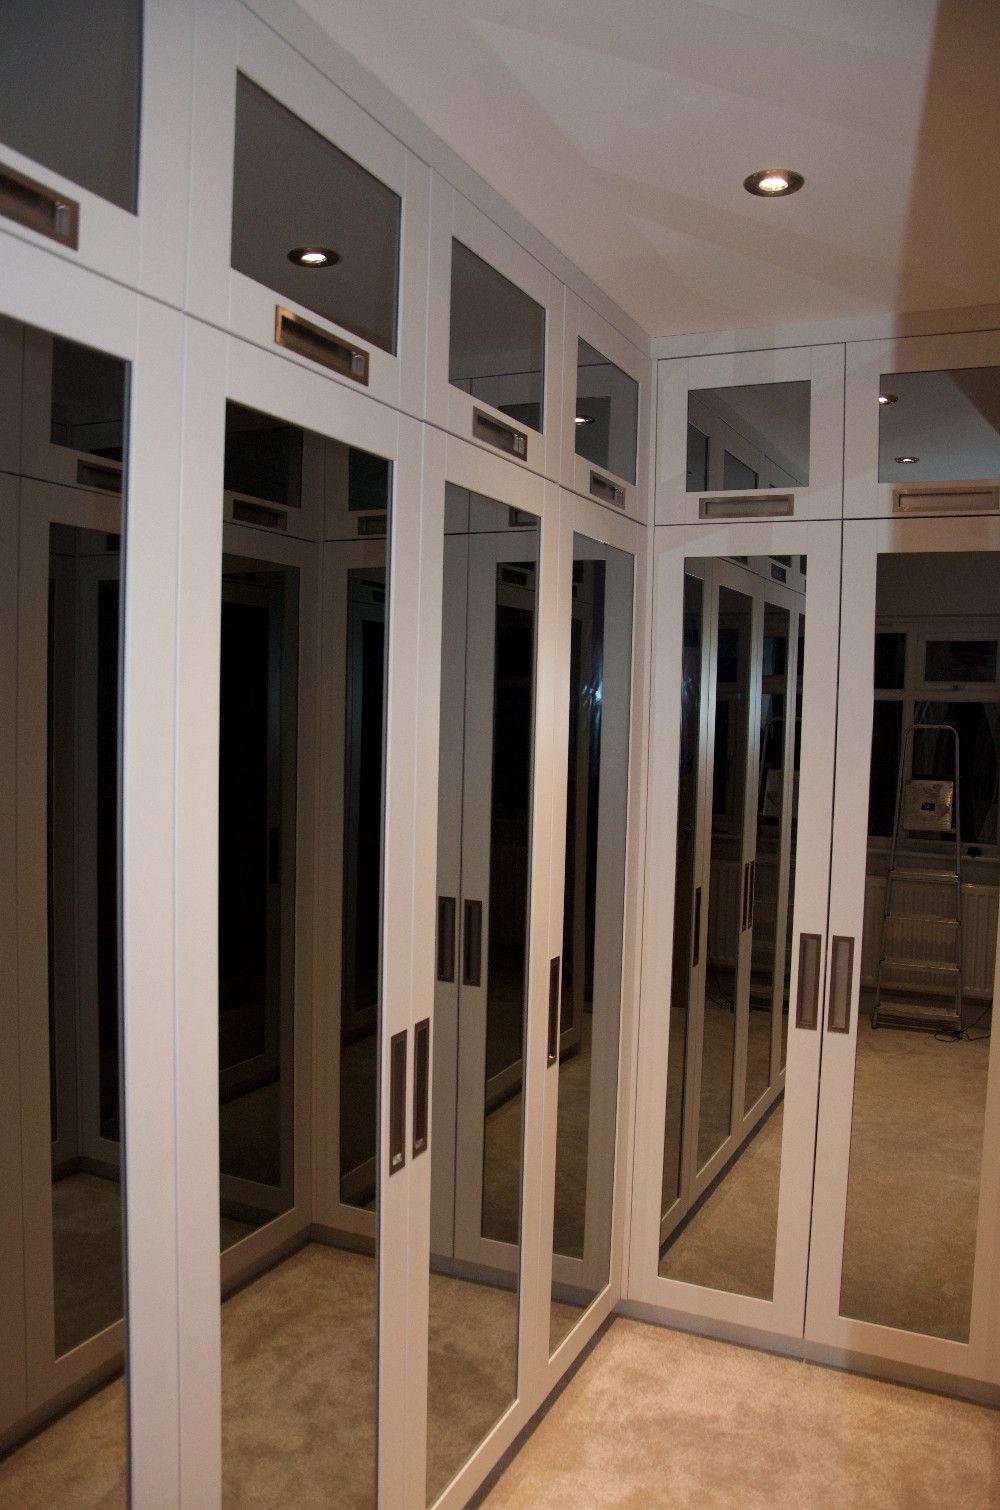 #UrbanWardrobes #London #walkinwardrobe #decor #interior #interiors #interiordesign #design #handcrafted #homeliving #handmade #furnituredecor #decoration #homeinterior #homestyle #furniture #atmosphere #home #house #amazing #awesome #inspiration #modern #luxury #contemporary #christmas